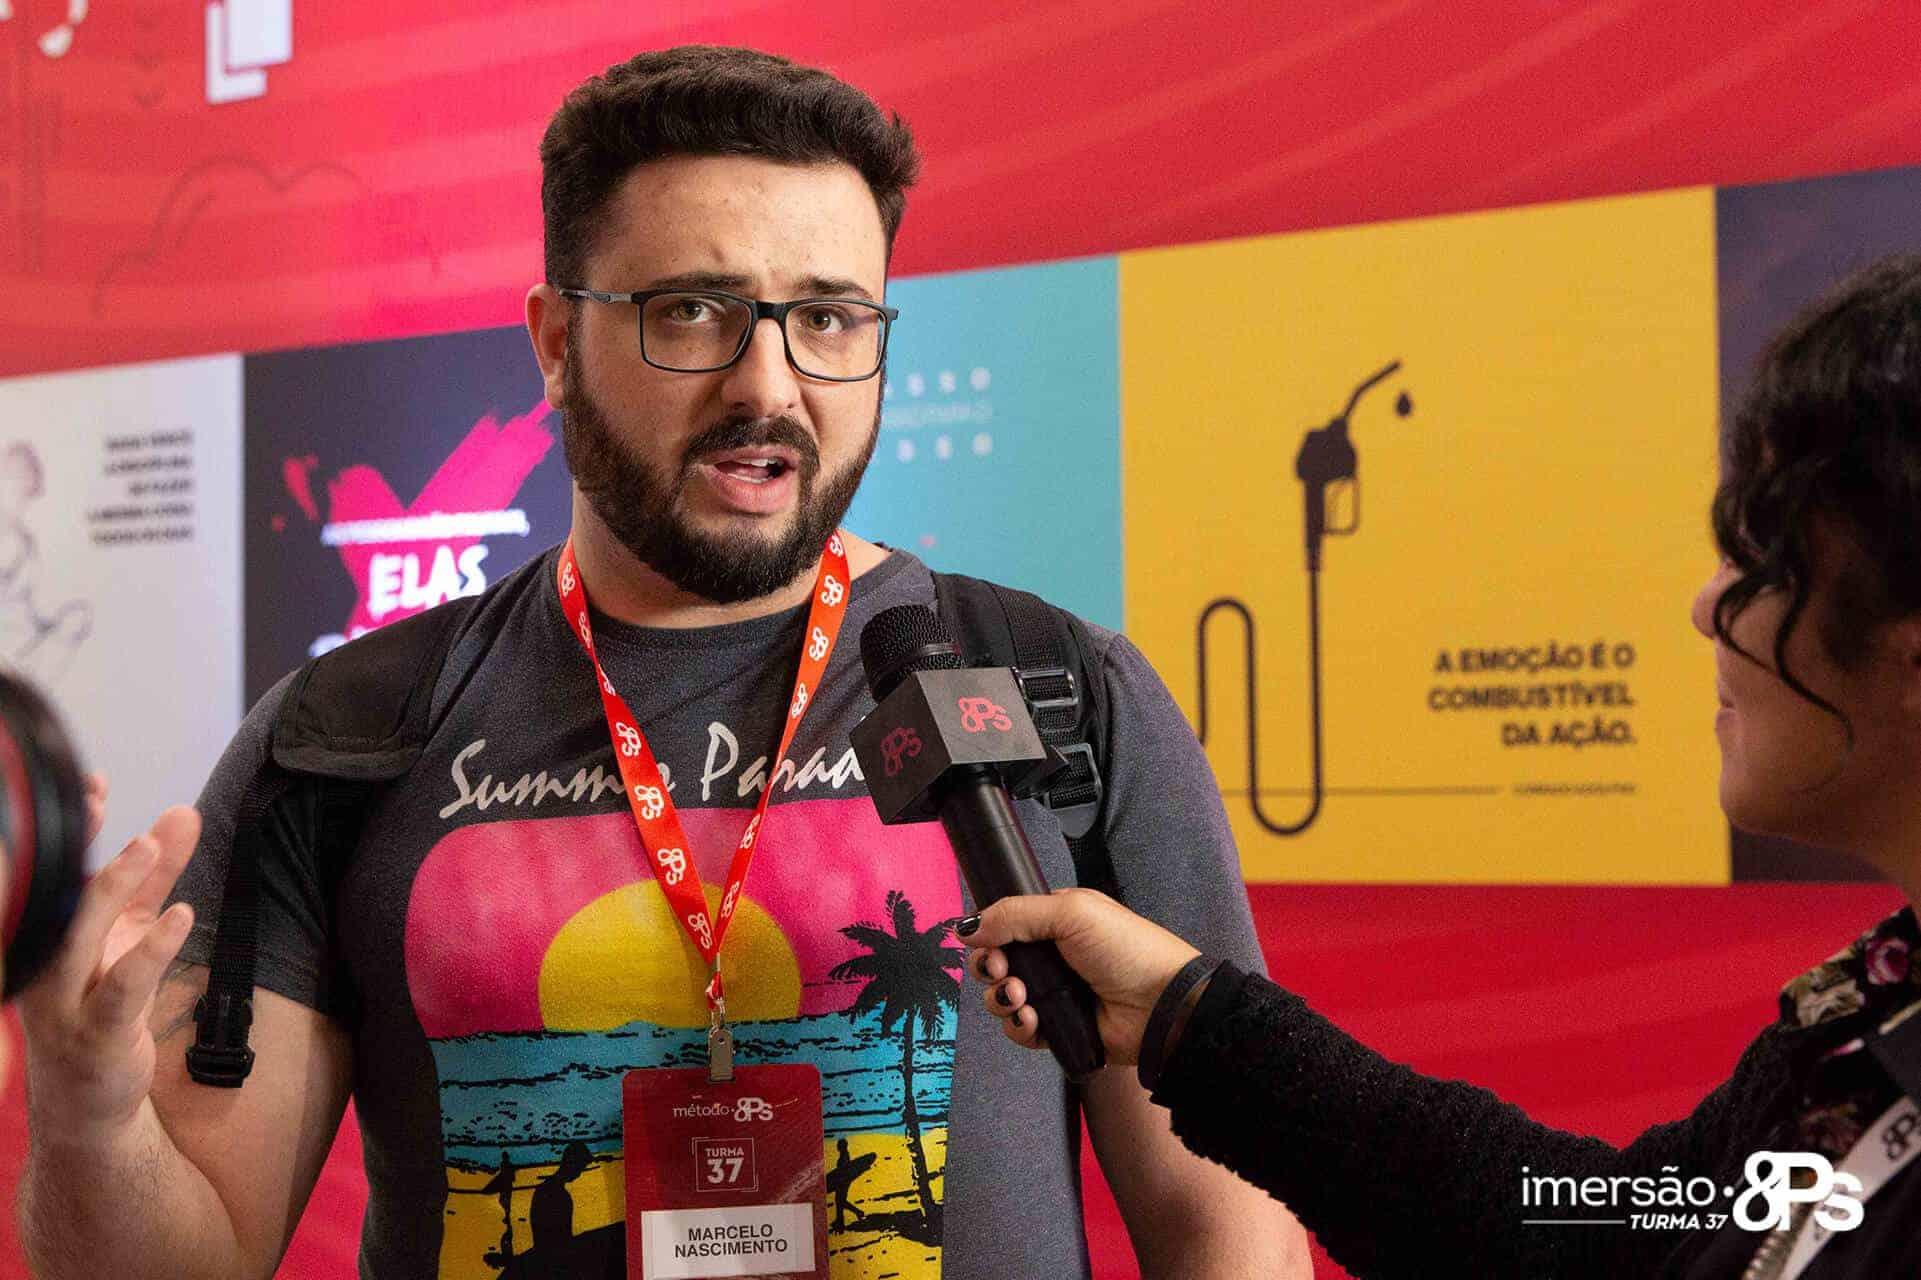 Entrevista Imersão 8Ps